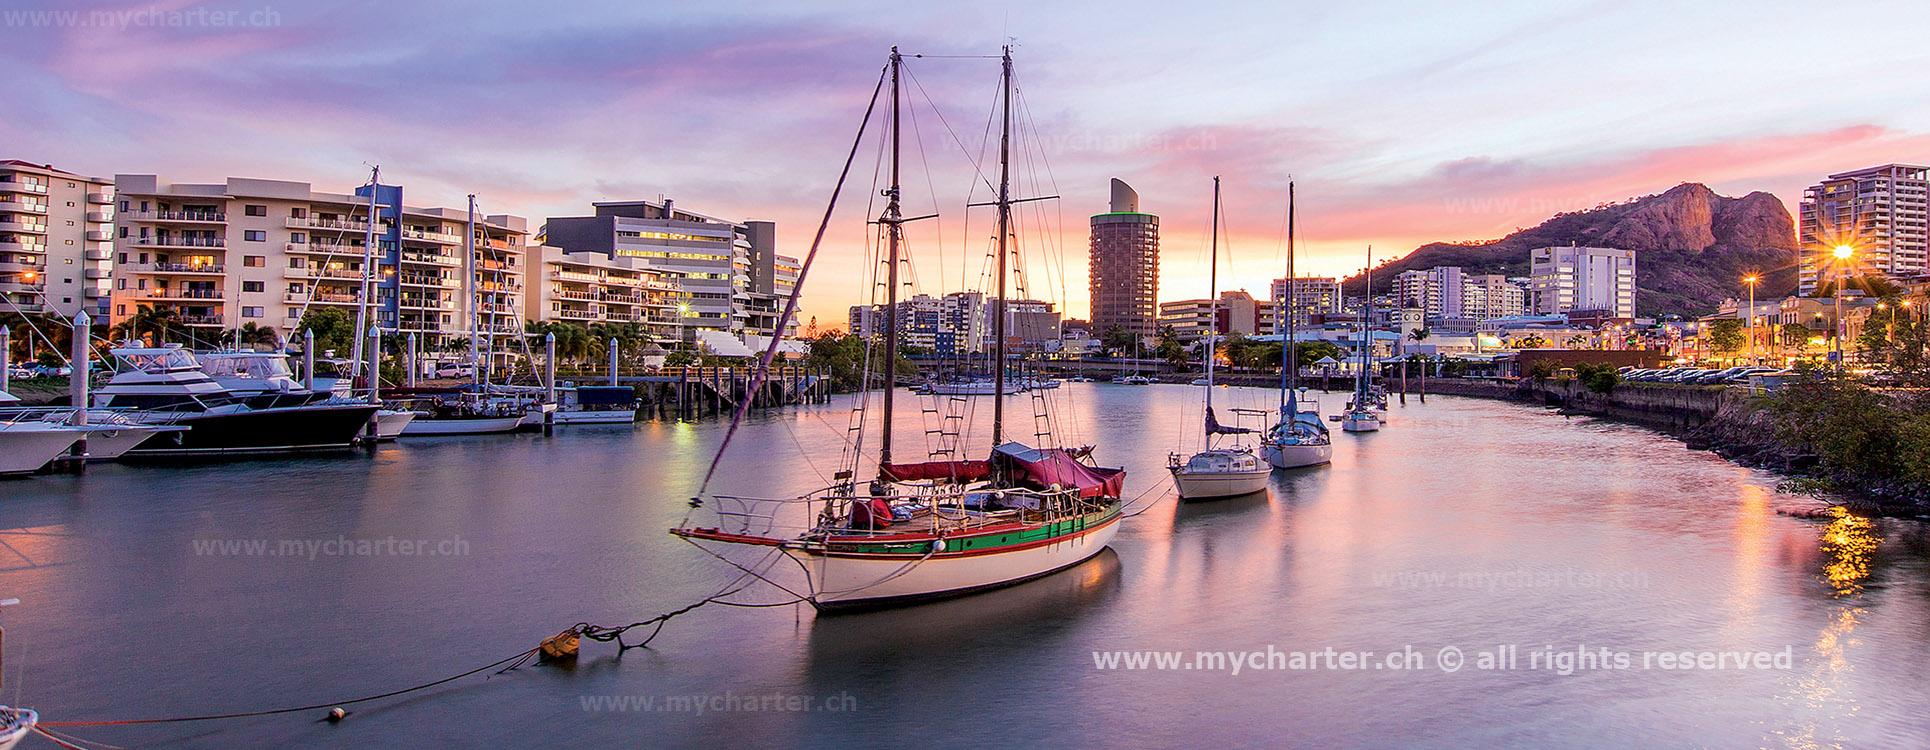 Yachtcharter Australien - Townsville